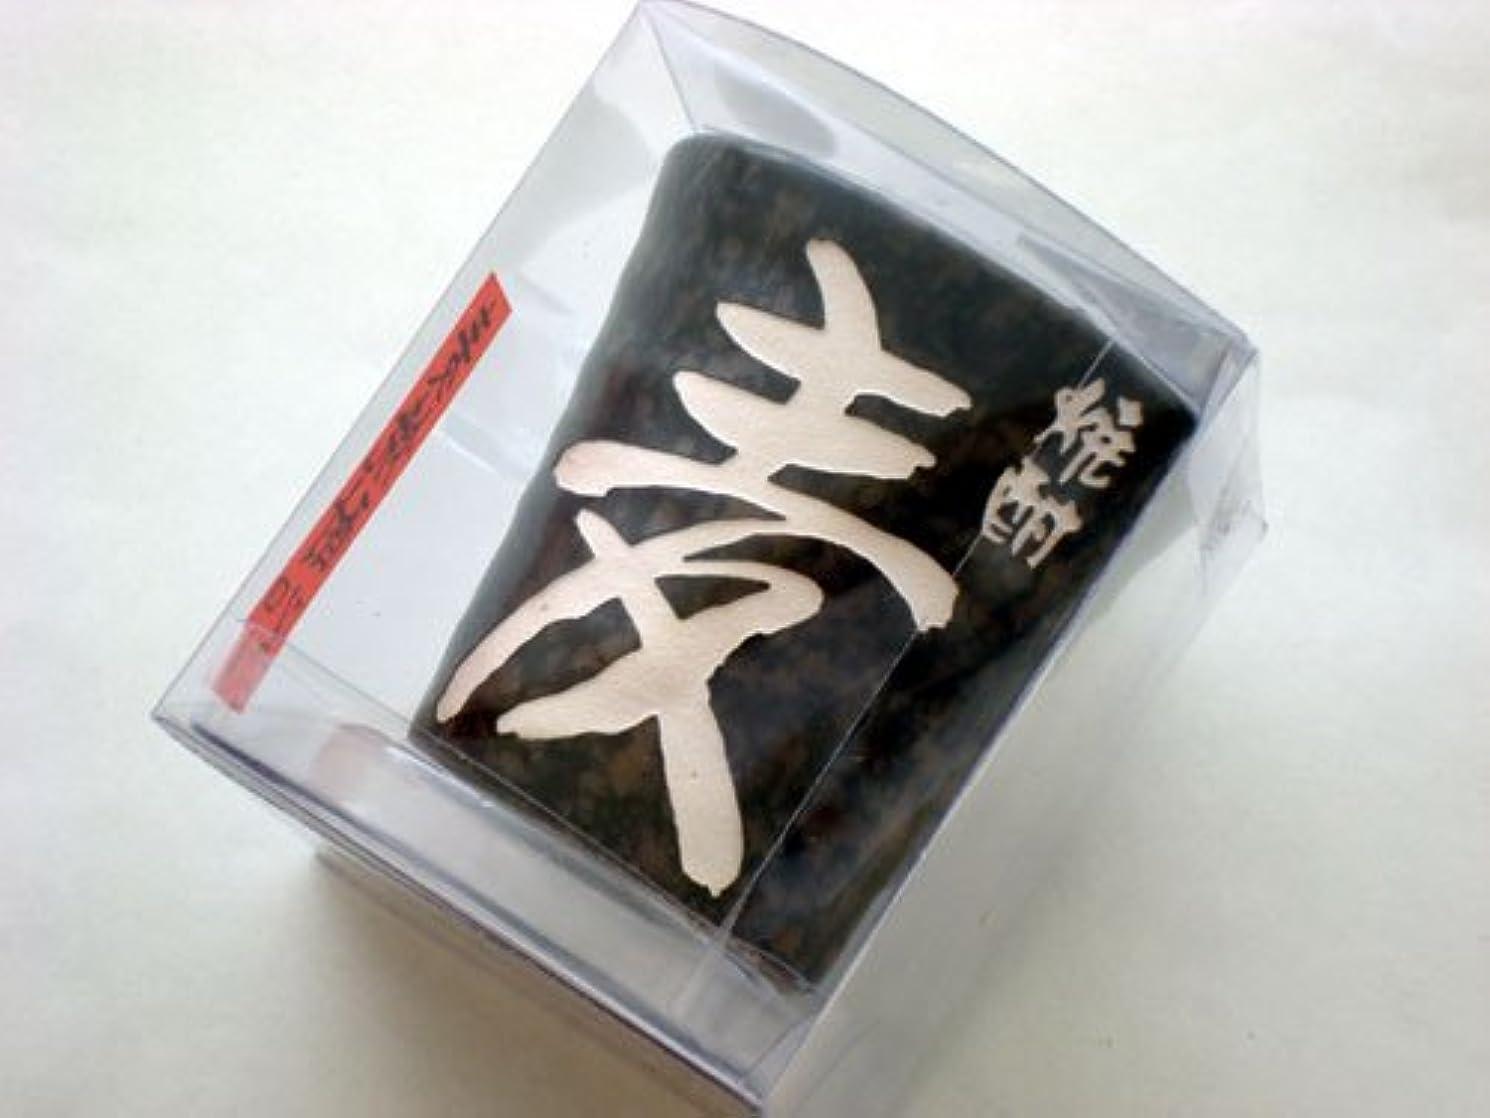 ナサニエル区なすピア好物シリーズ 麦焼酎ローソク 【キャンドル】